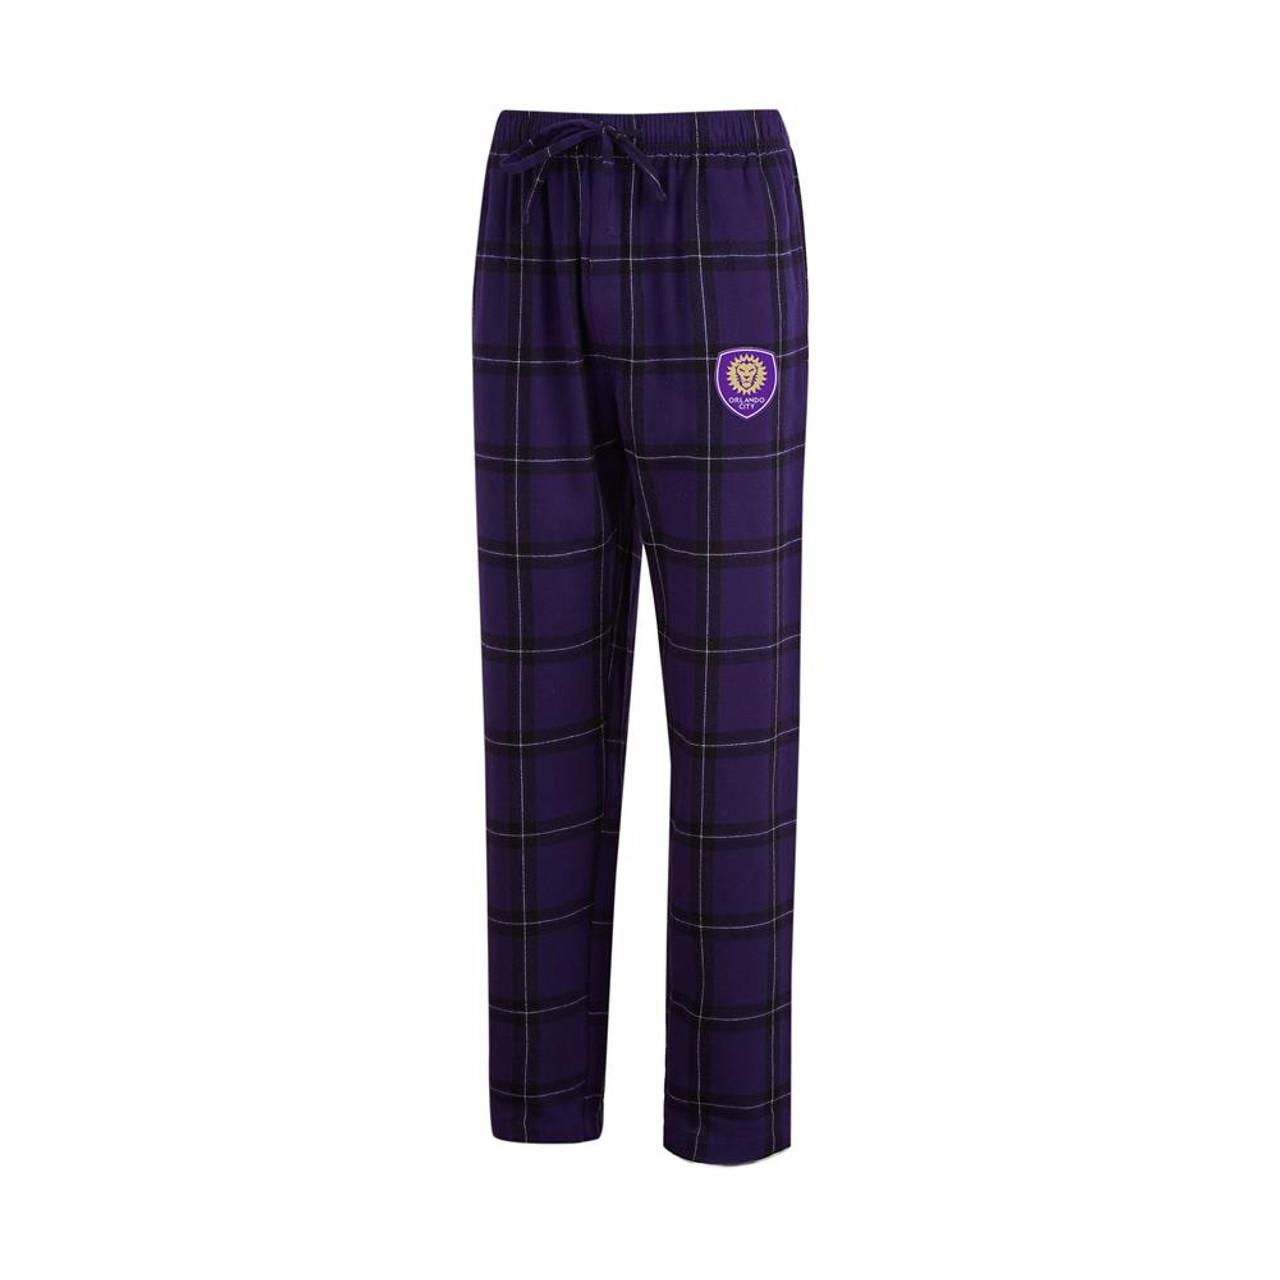 Orlando City SC Men's Pajama Pants Plaid Pajama Bottoms